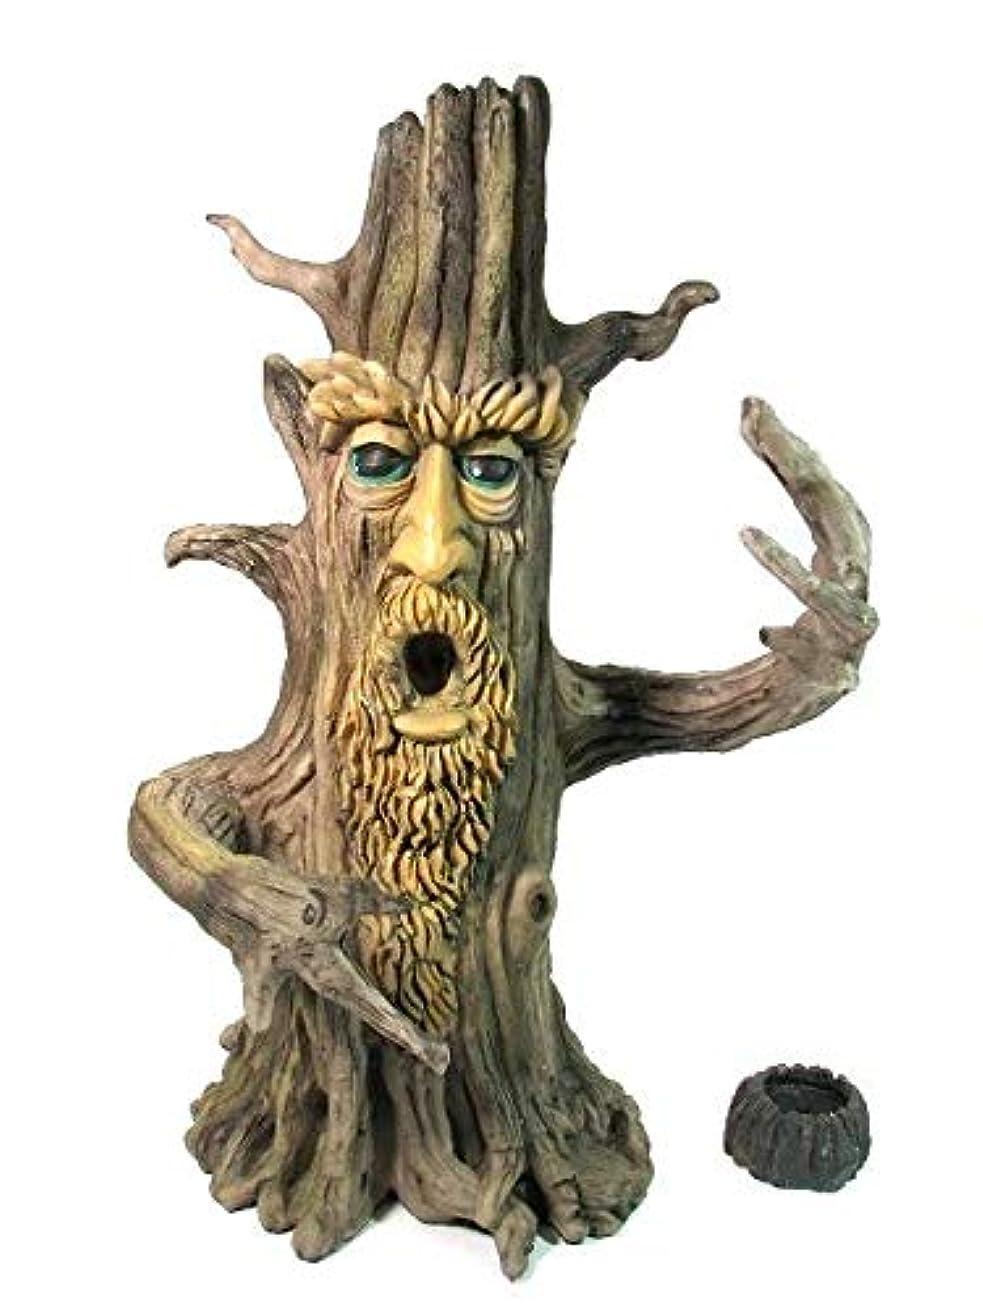 責ペチュランス小数[INCENSE GOODS(インセンスグッズ)] TREE MAN INCENSE BURNER 木の精香立